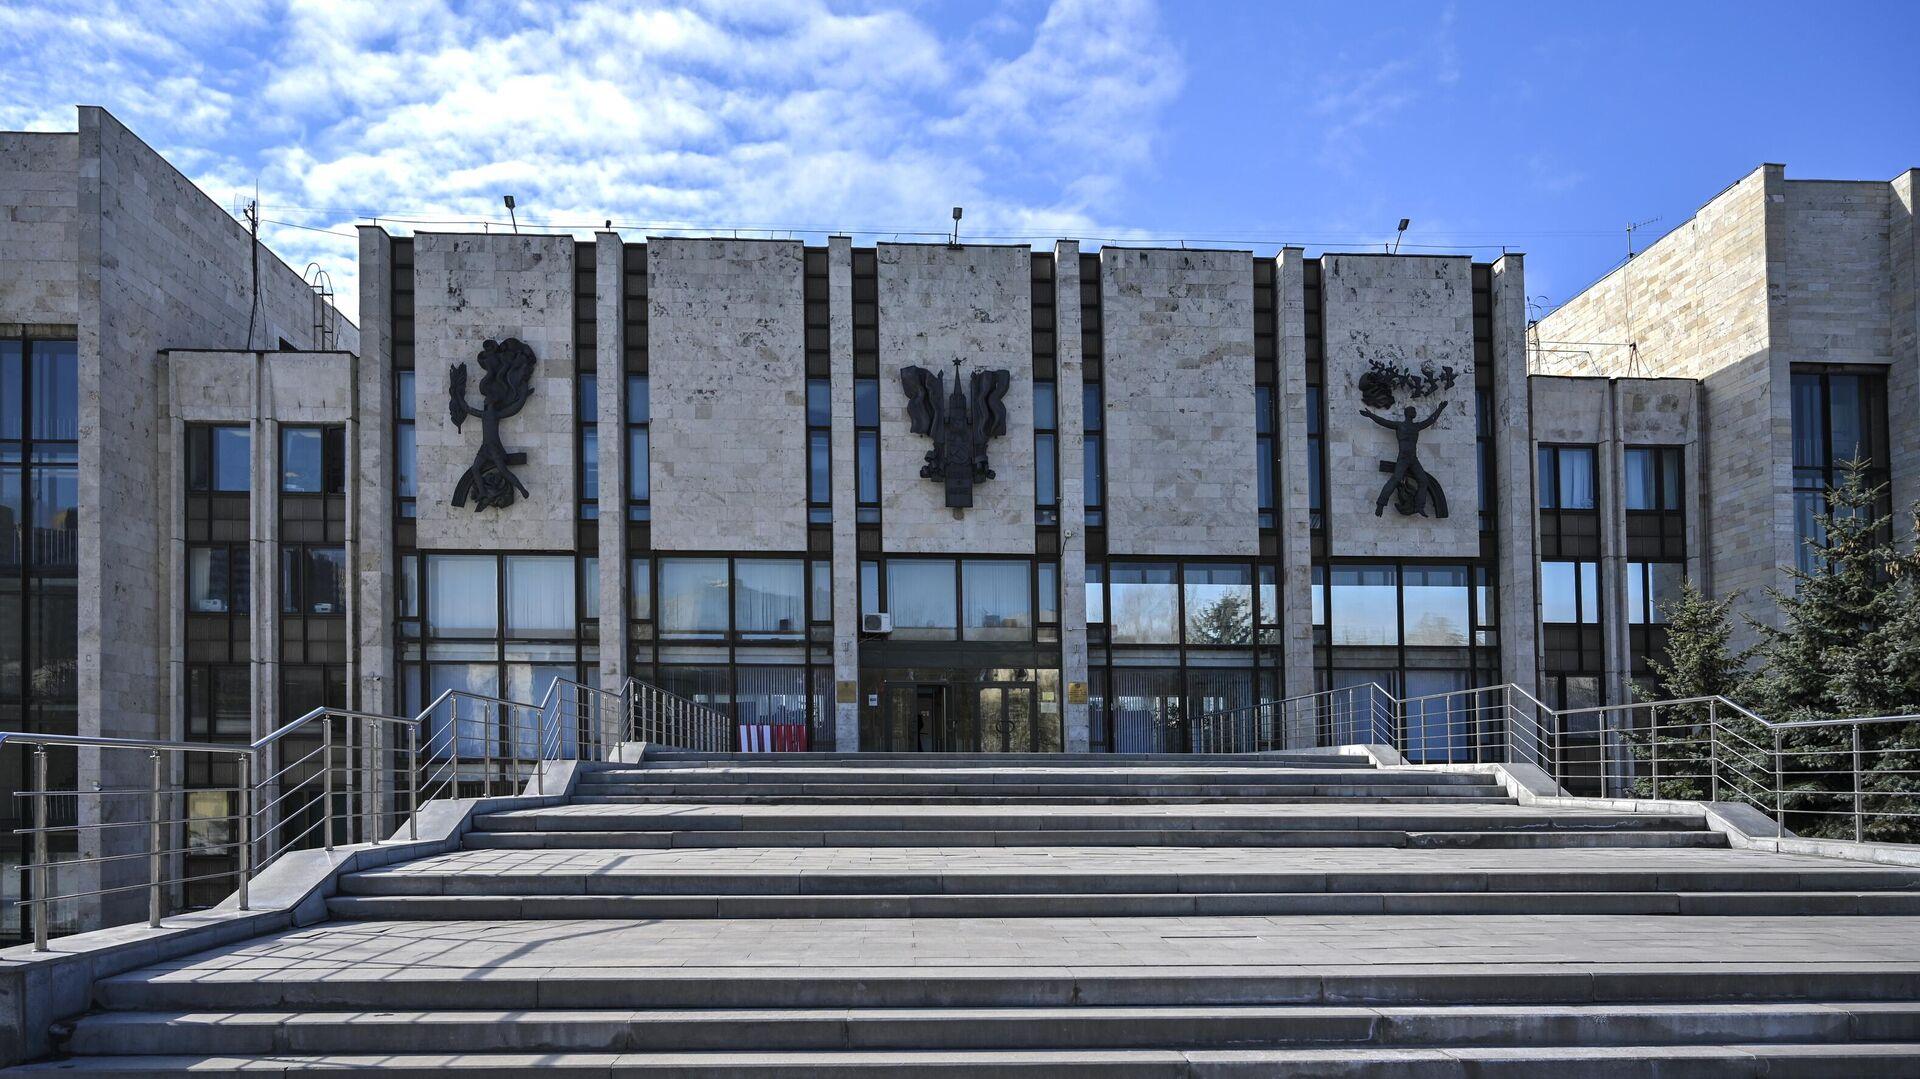 Здание Московского государственного института международных отношений Министерства иностранных дел Российской Федерации (МГИМО) в Москве - РИА Новости, 1920, 13.05.2021